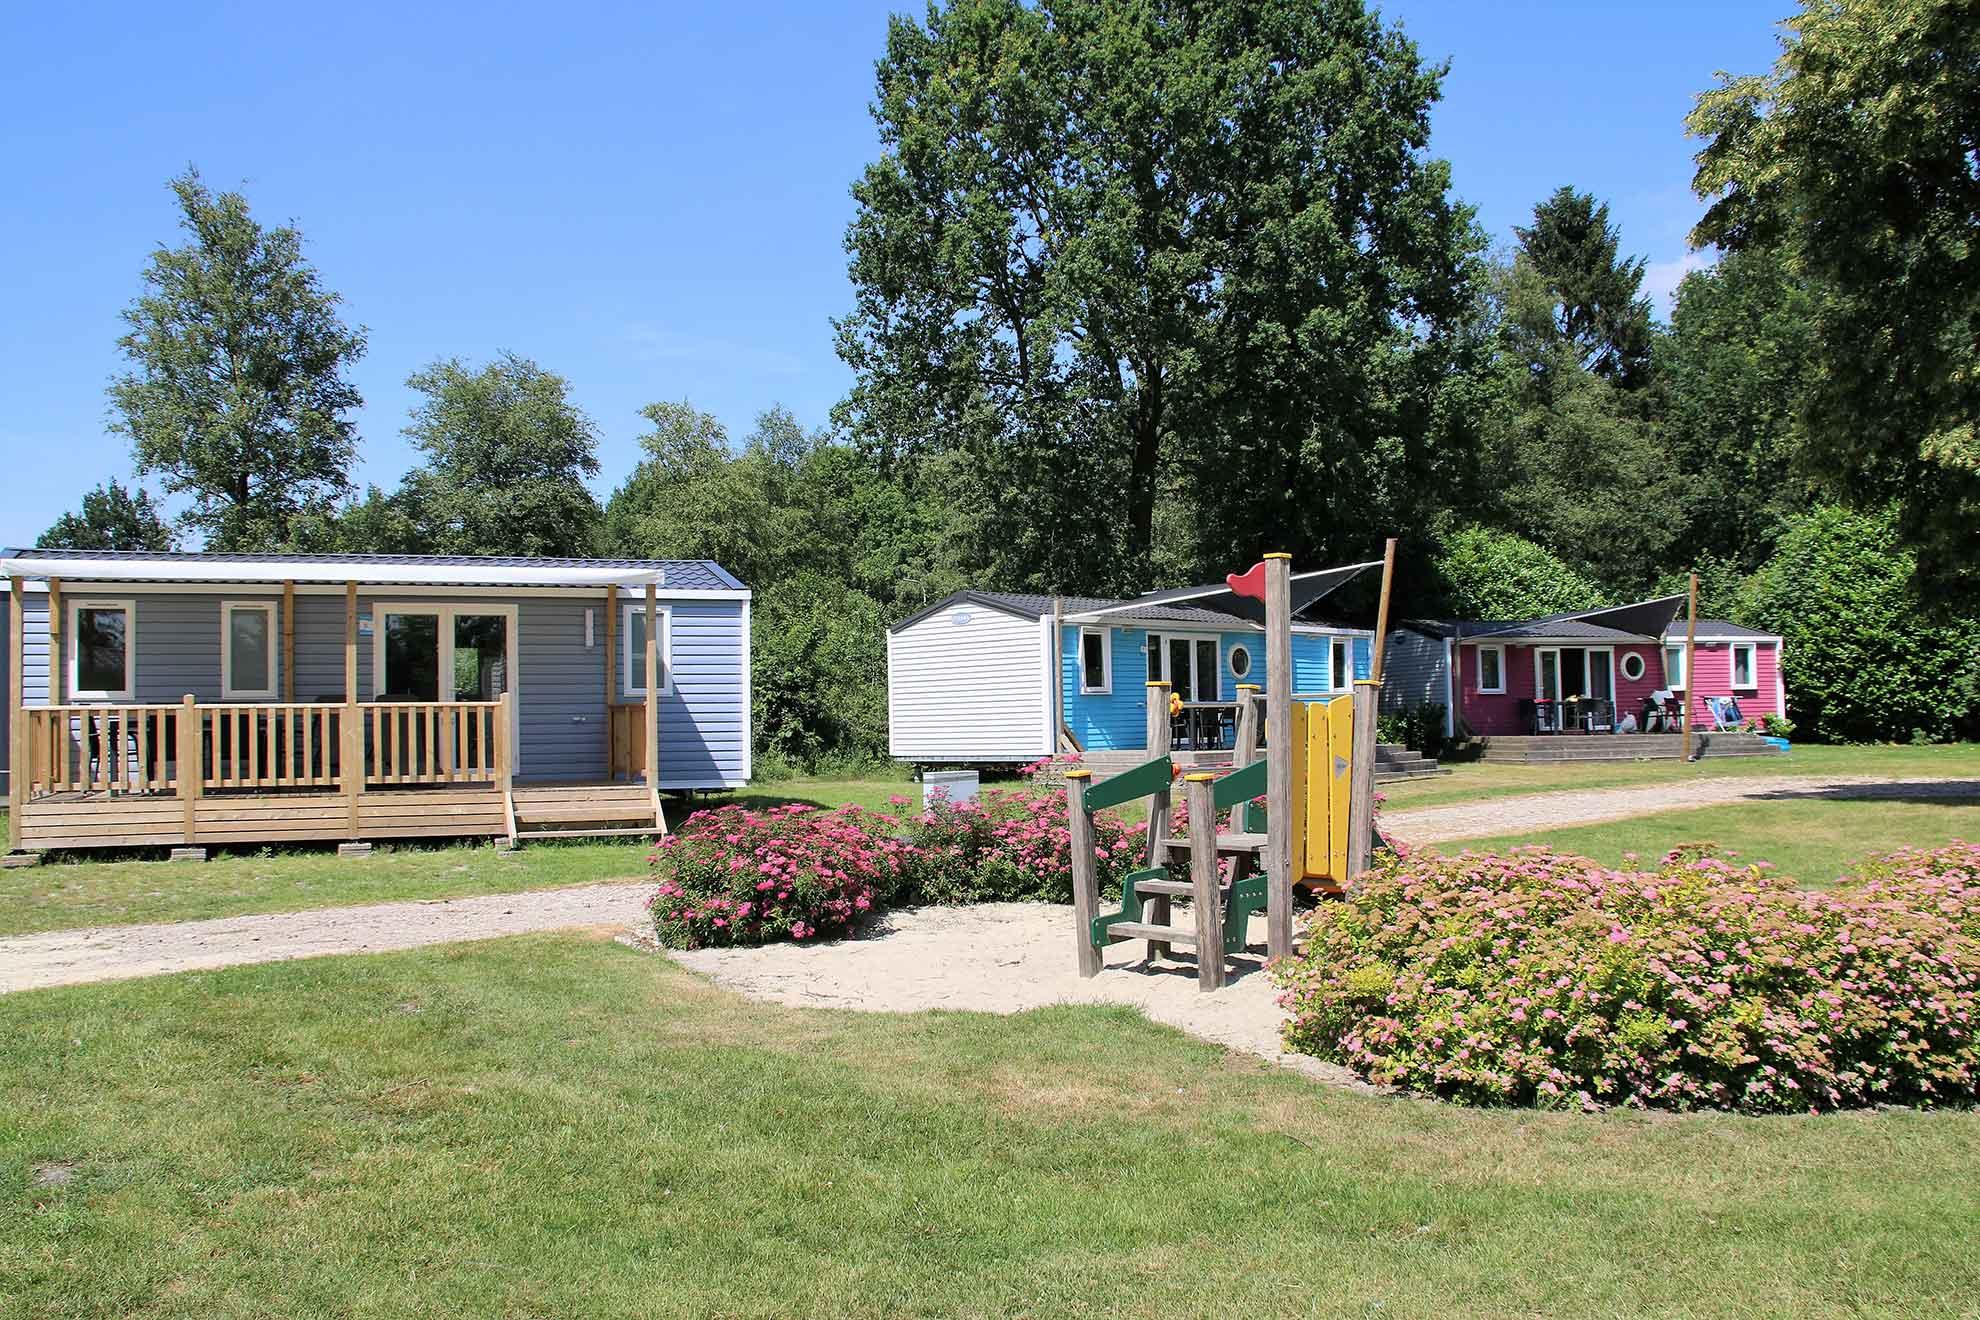 Kurzurlaub Fronleichnam auf Ferienpark Het Stoetenslagh - Kurzurlaub Fronleichnam Mobilheim